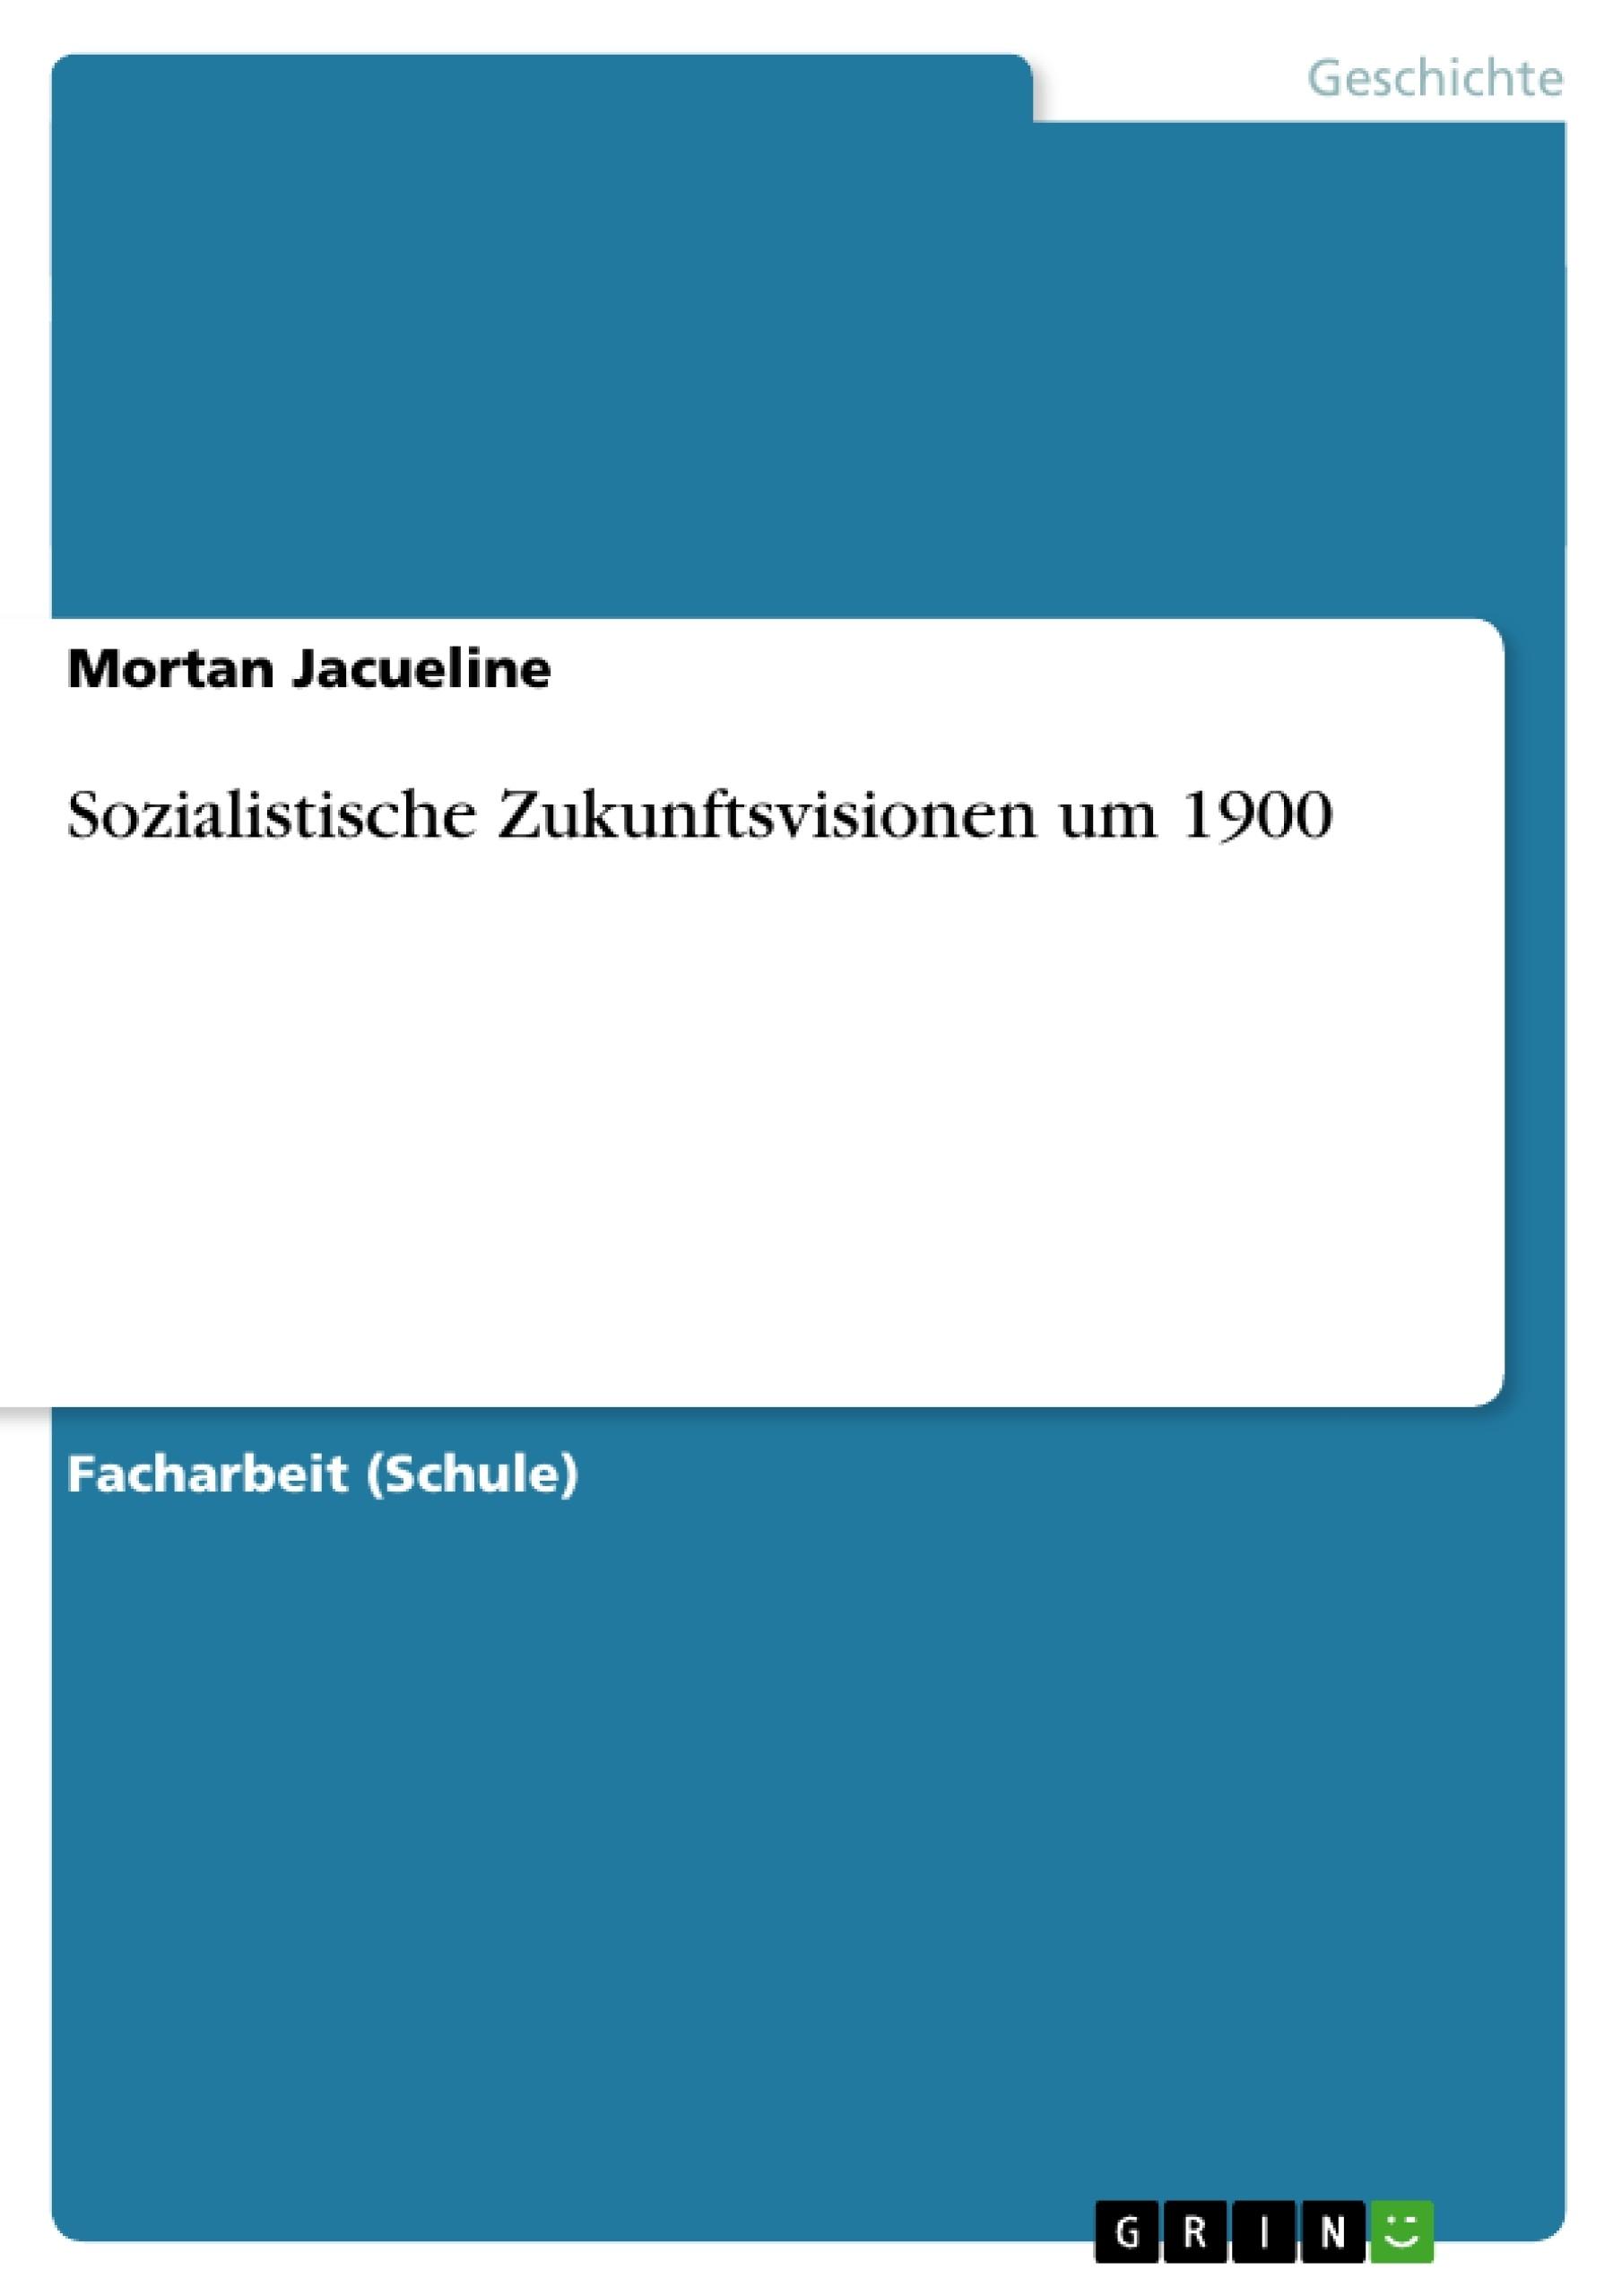 Titel: Sozialistische Zukunftsvisionen um 1900